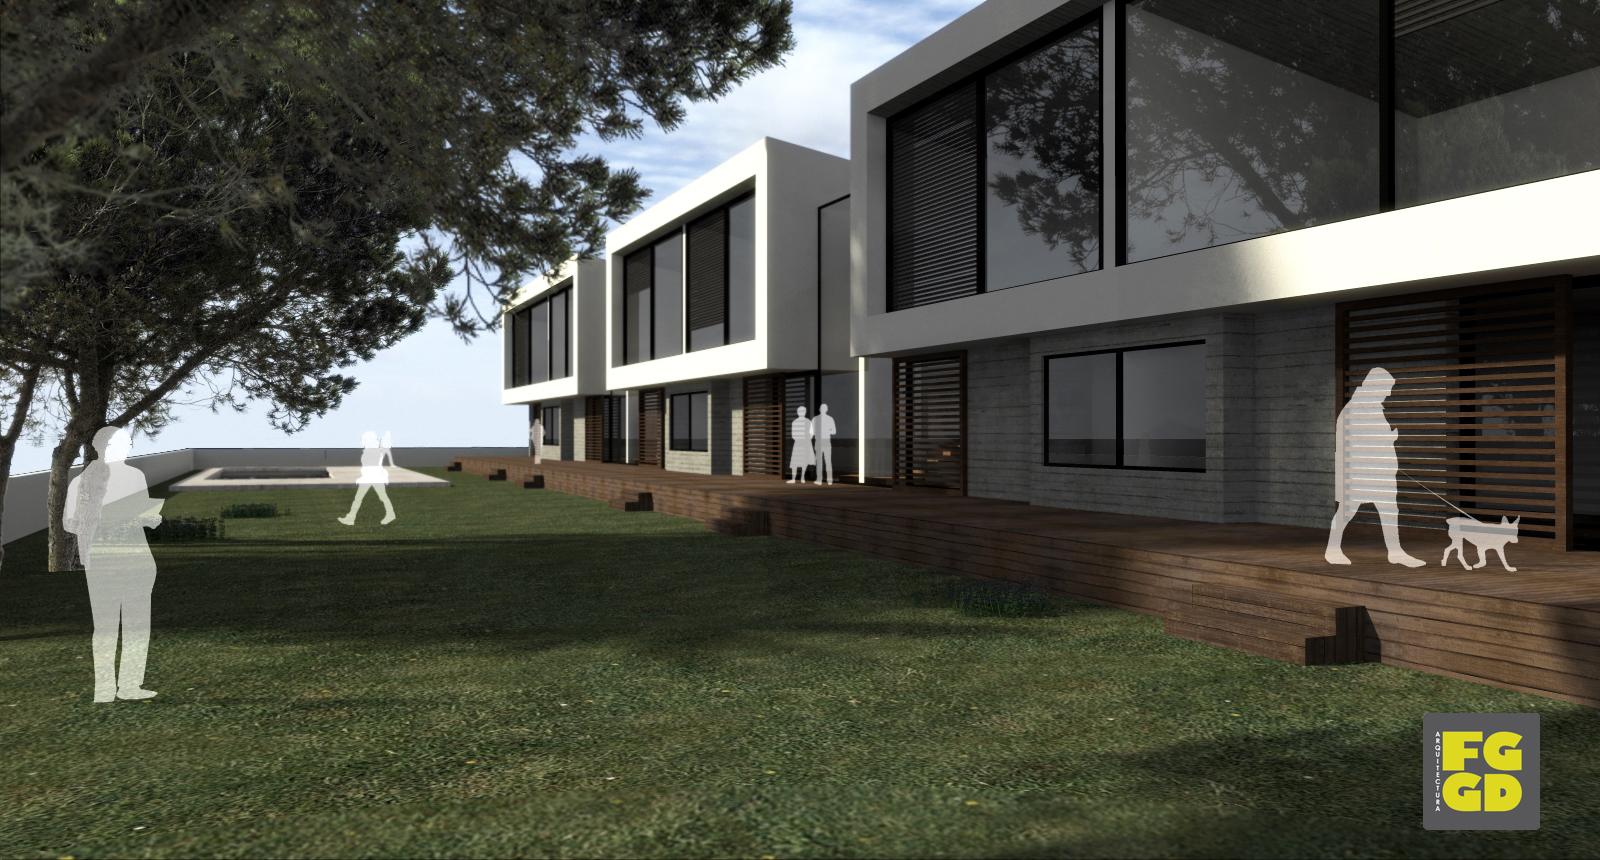 Fggd arquitectura proyectos vivienda xxl parte 01 - Estudios arquitectura murcia ...